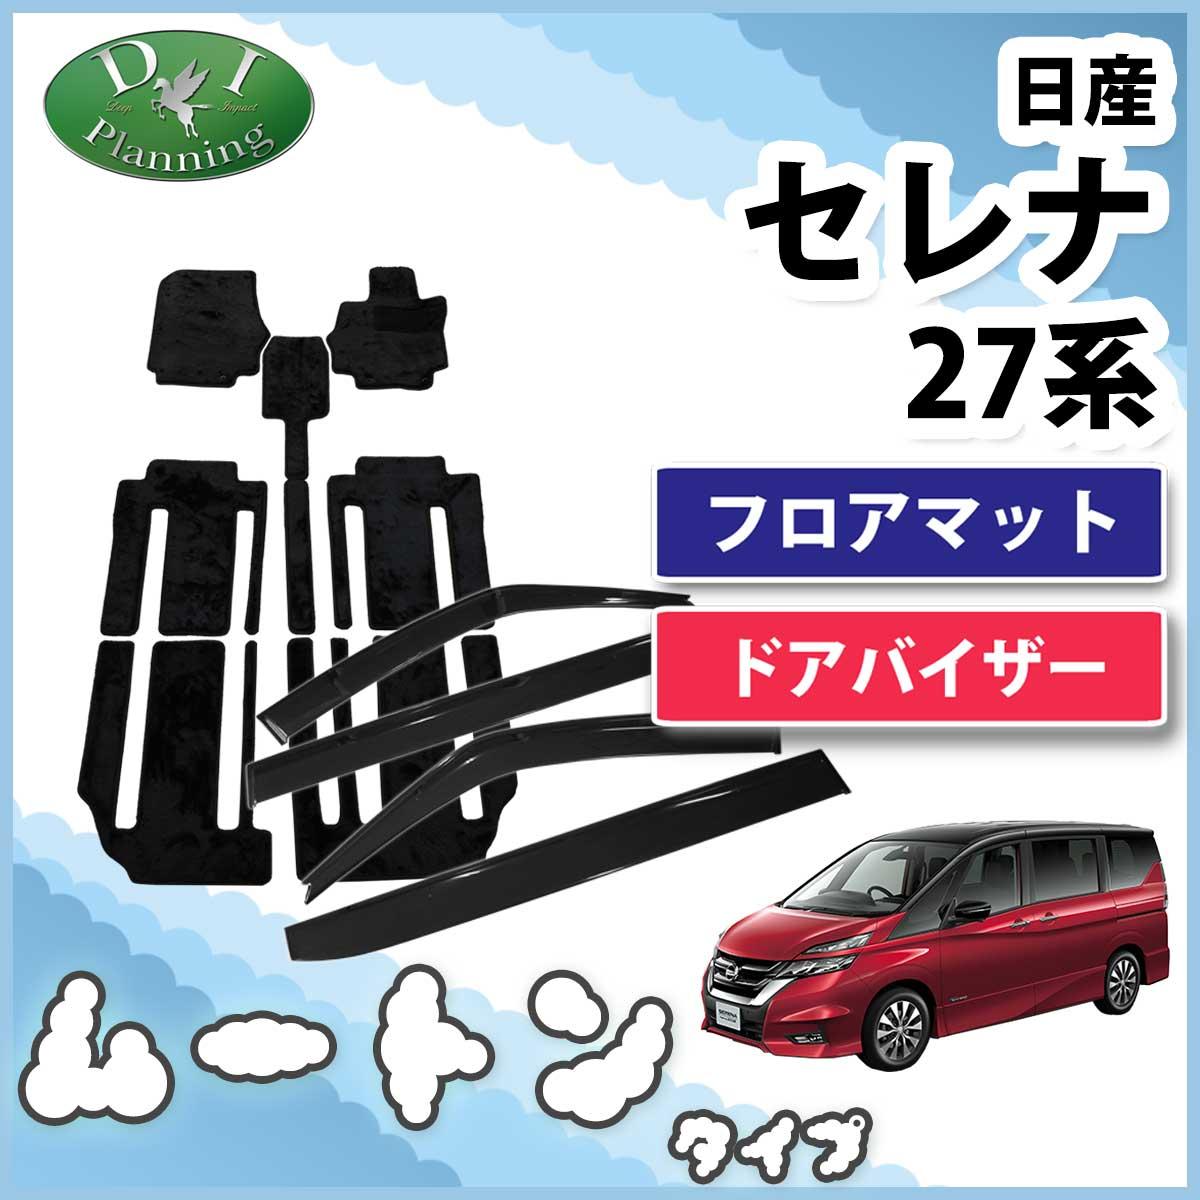 日産 新型 セレナ C27系 C27 GC27 GFC27 GNC27 GFNC27 SGC27 SGNC27 HC27 HFC27 フロアマット& ドアバイザーセット 高級ムートン調 ミンク調 フロアシートカバー フロアカーペット